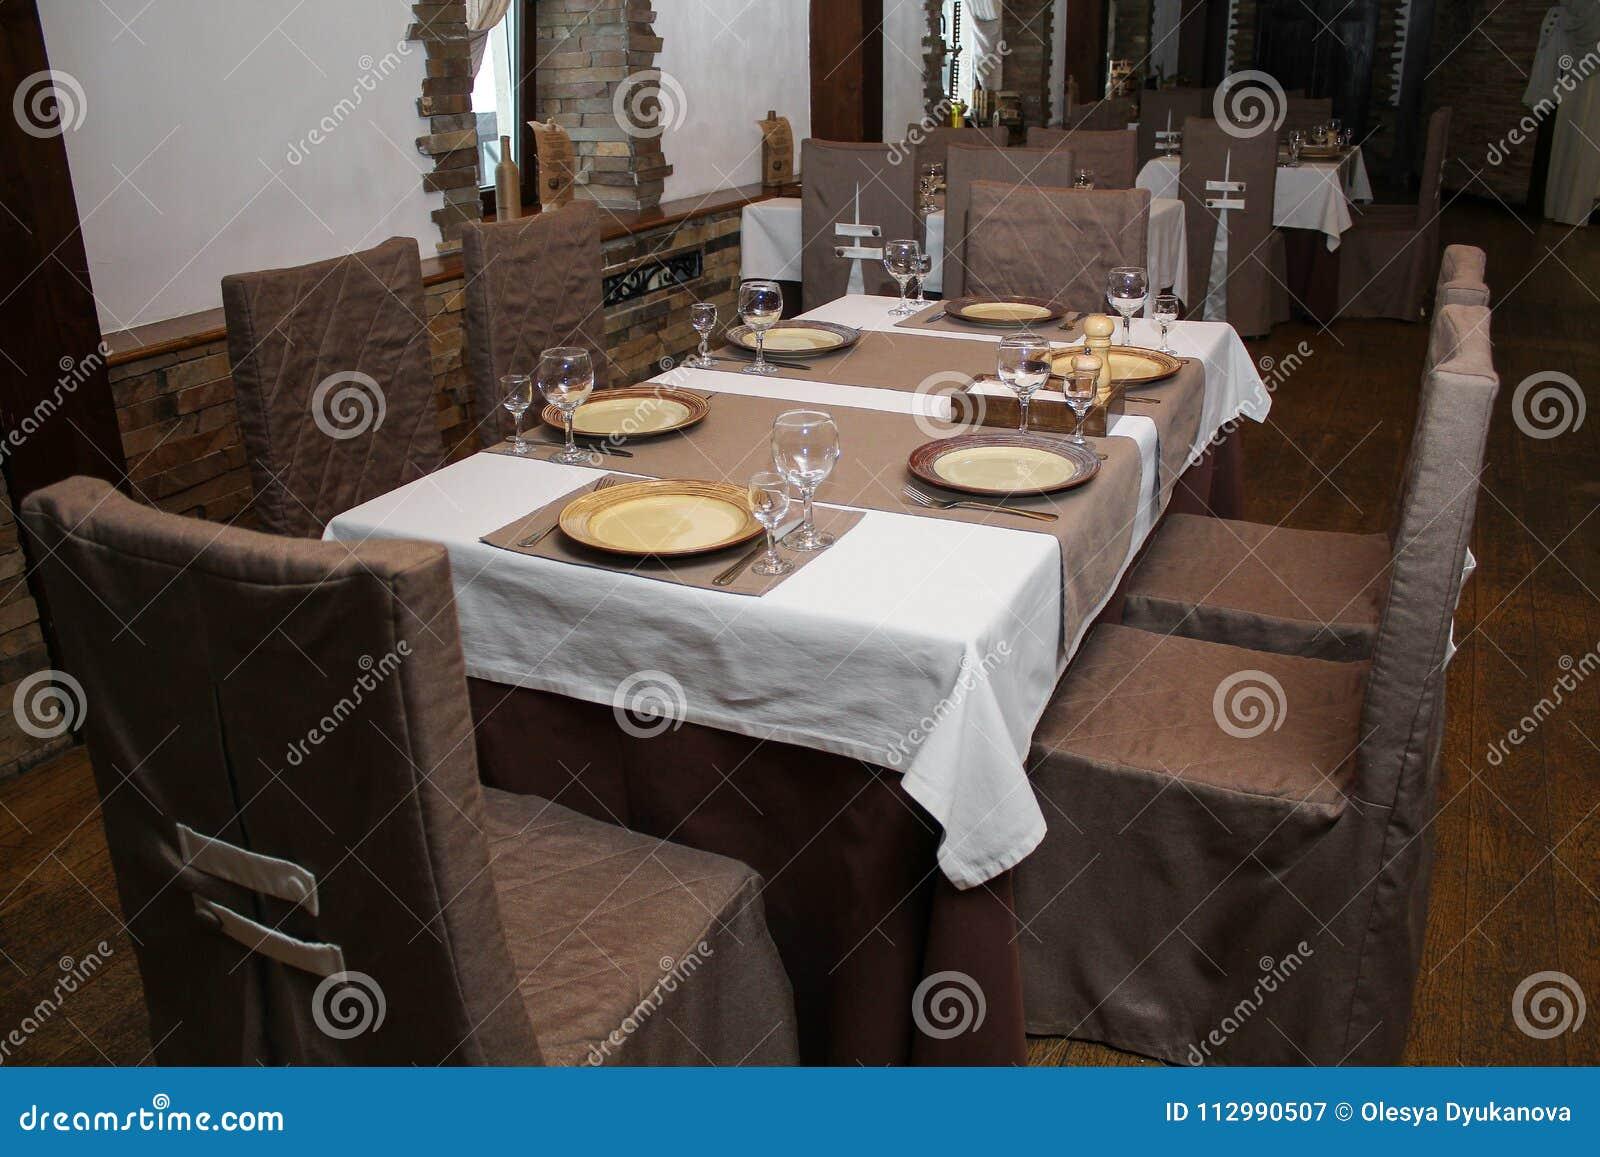 El interior del restaurante está listo para la llegada de visitantes